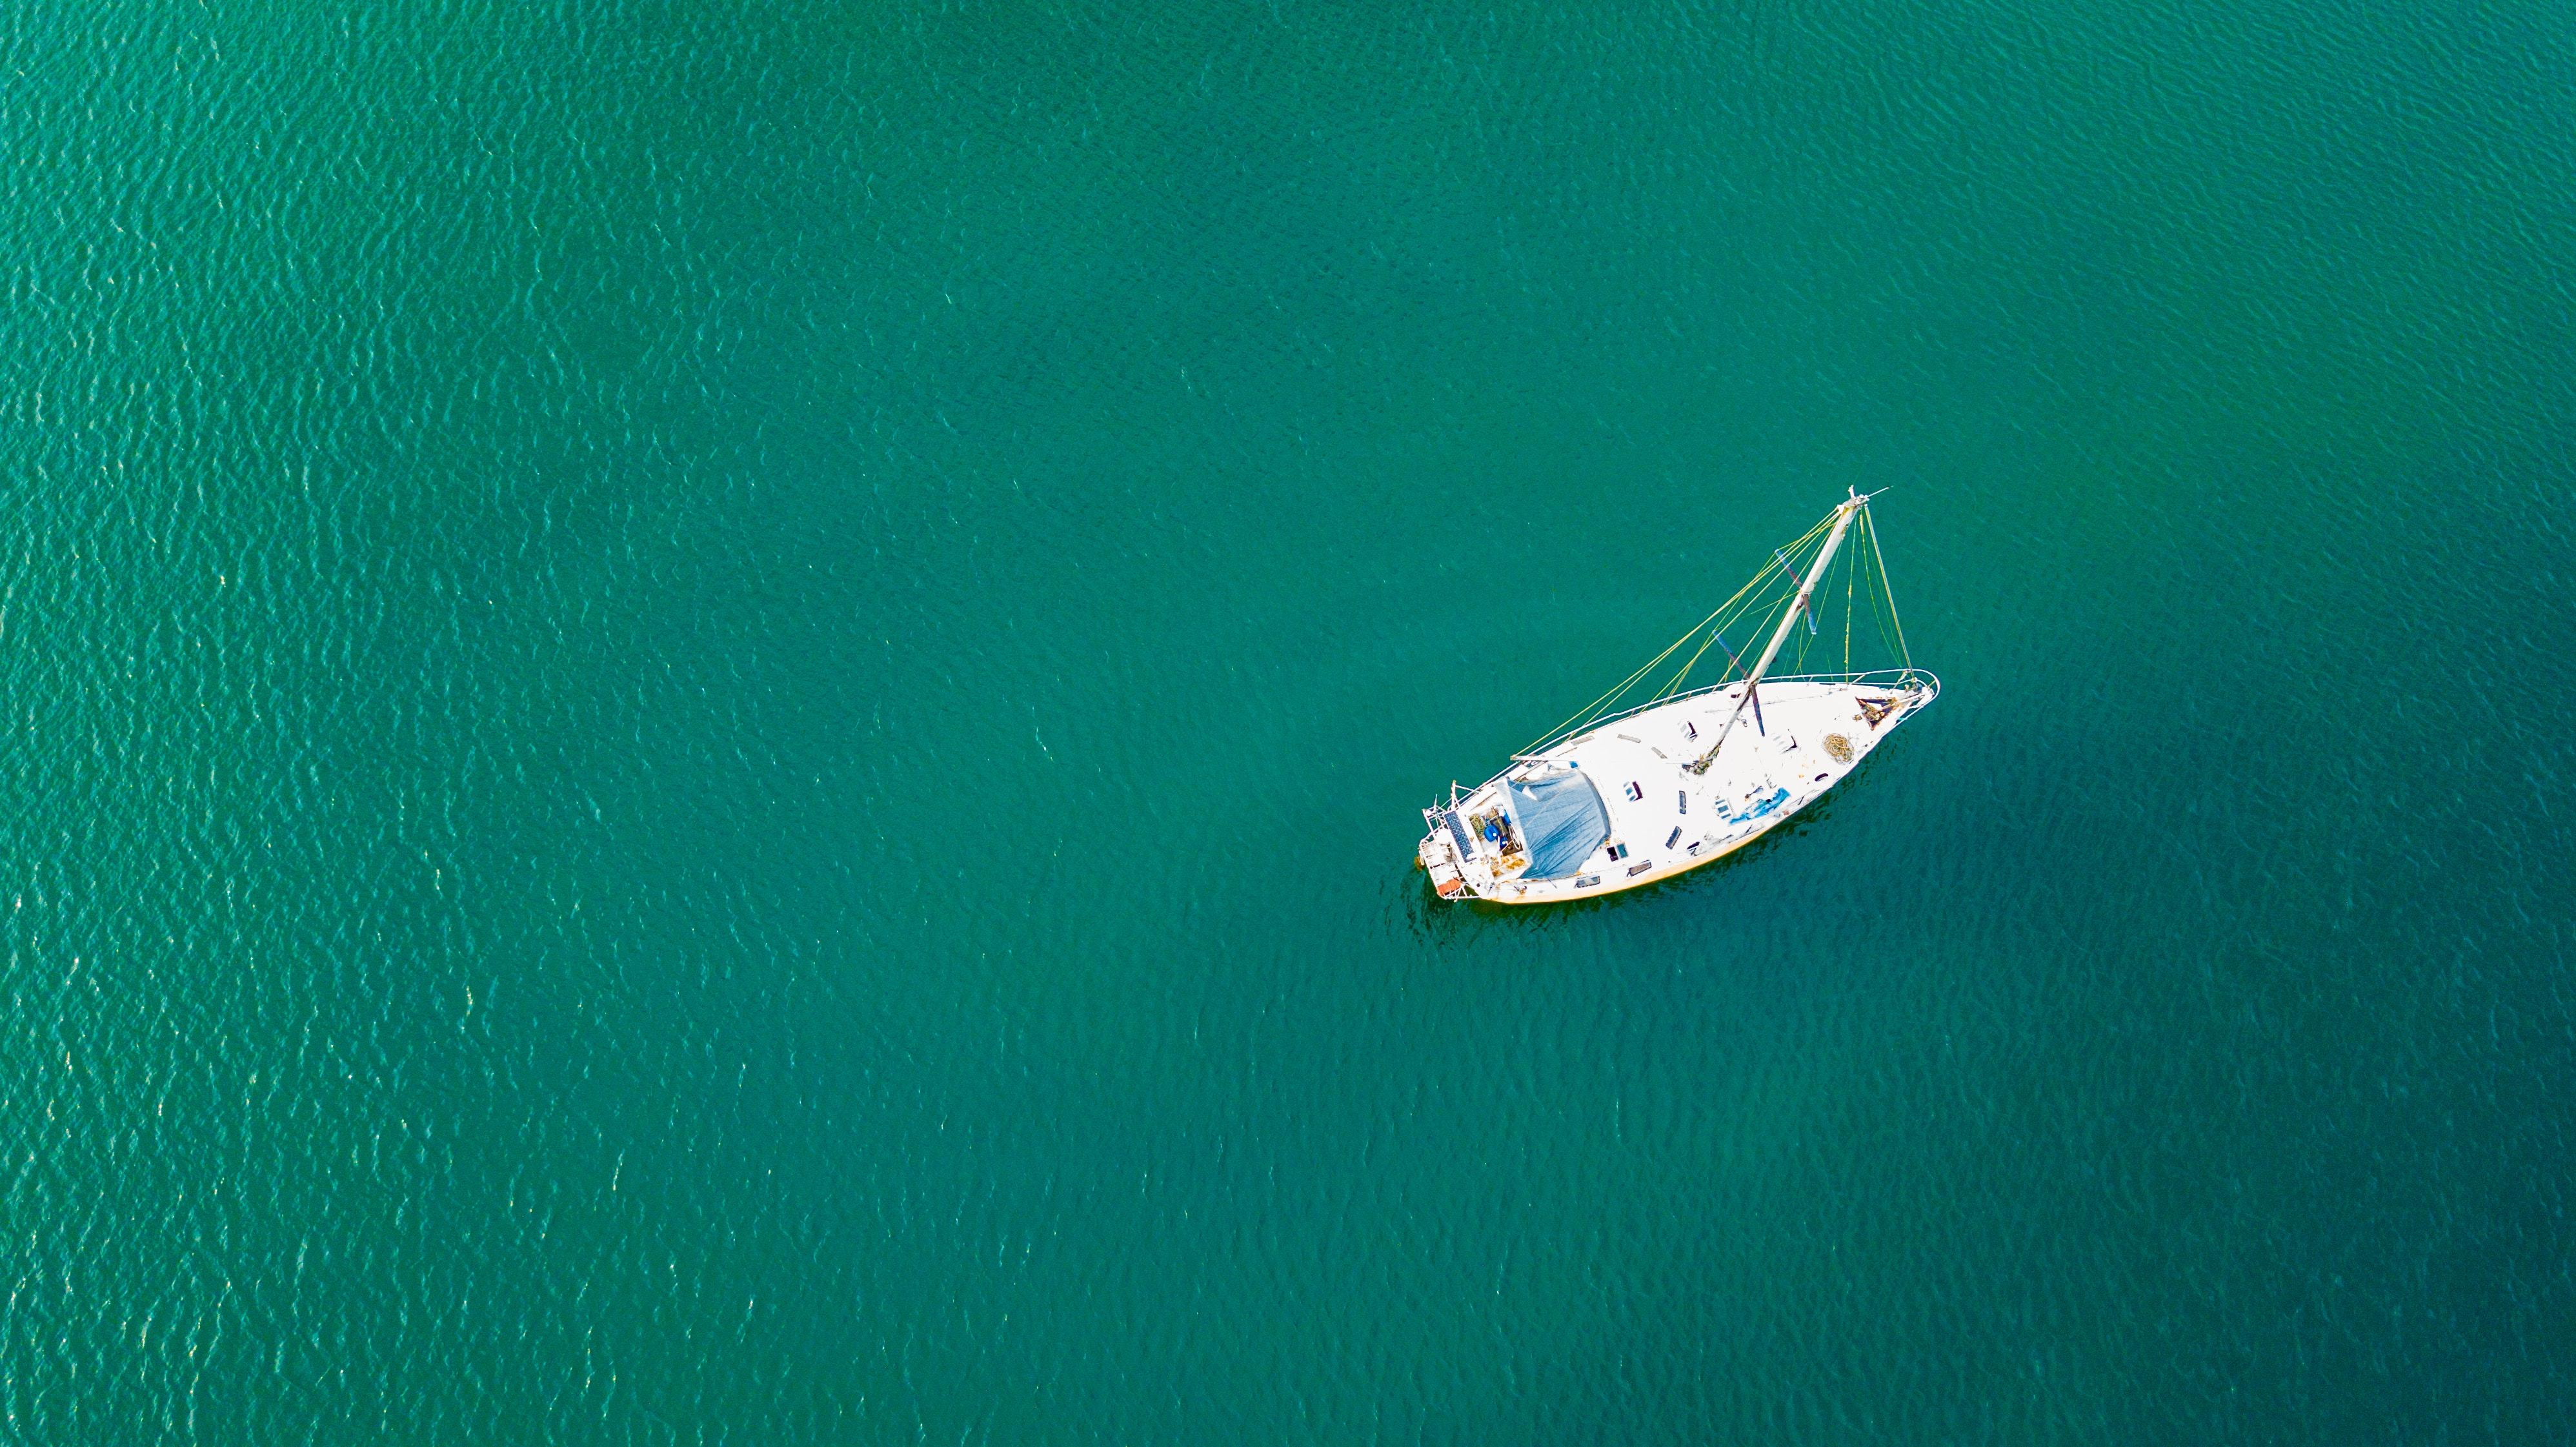 Segelbåt på grönt vatten